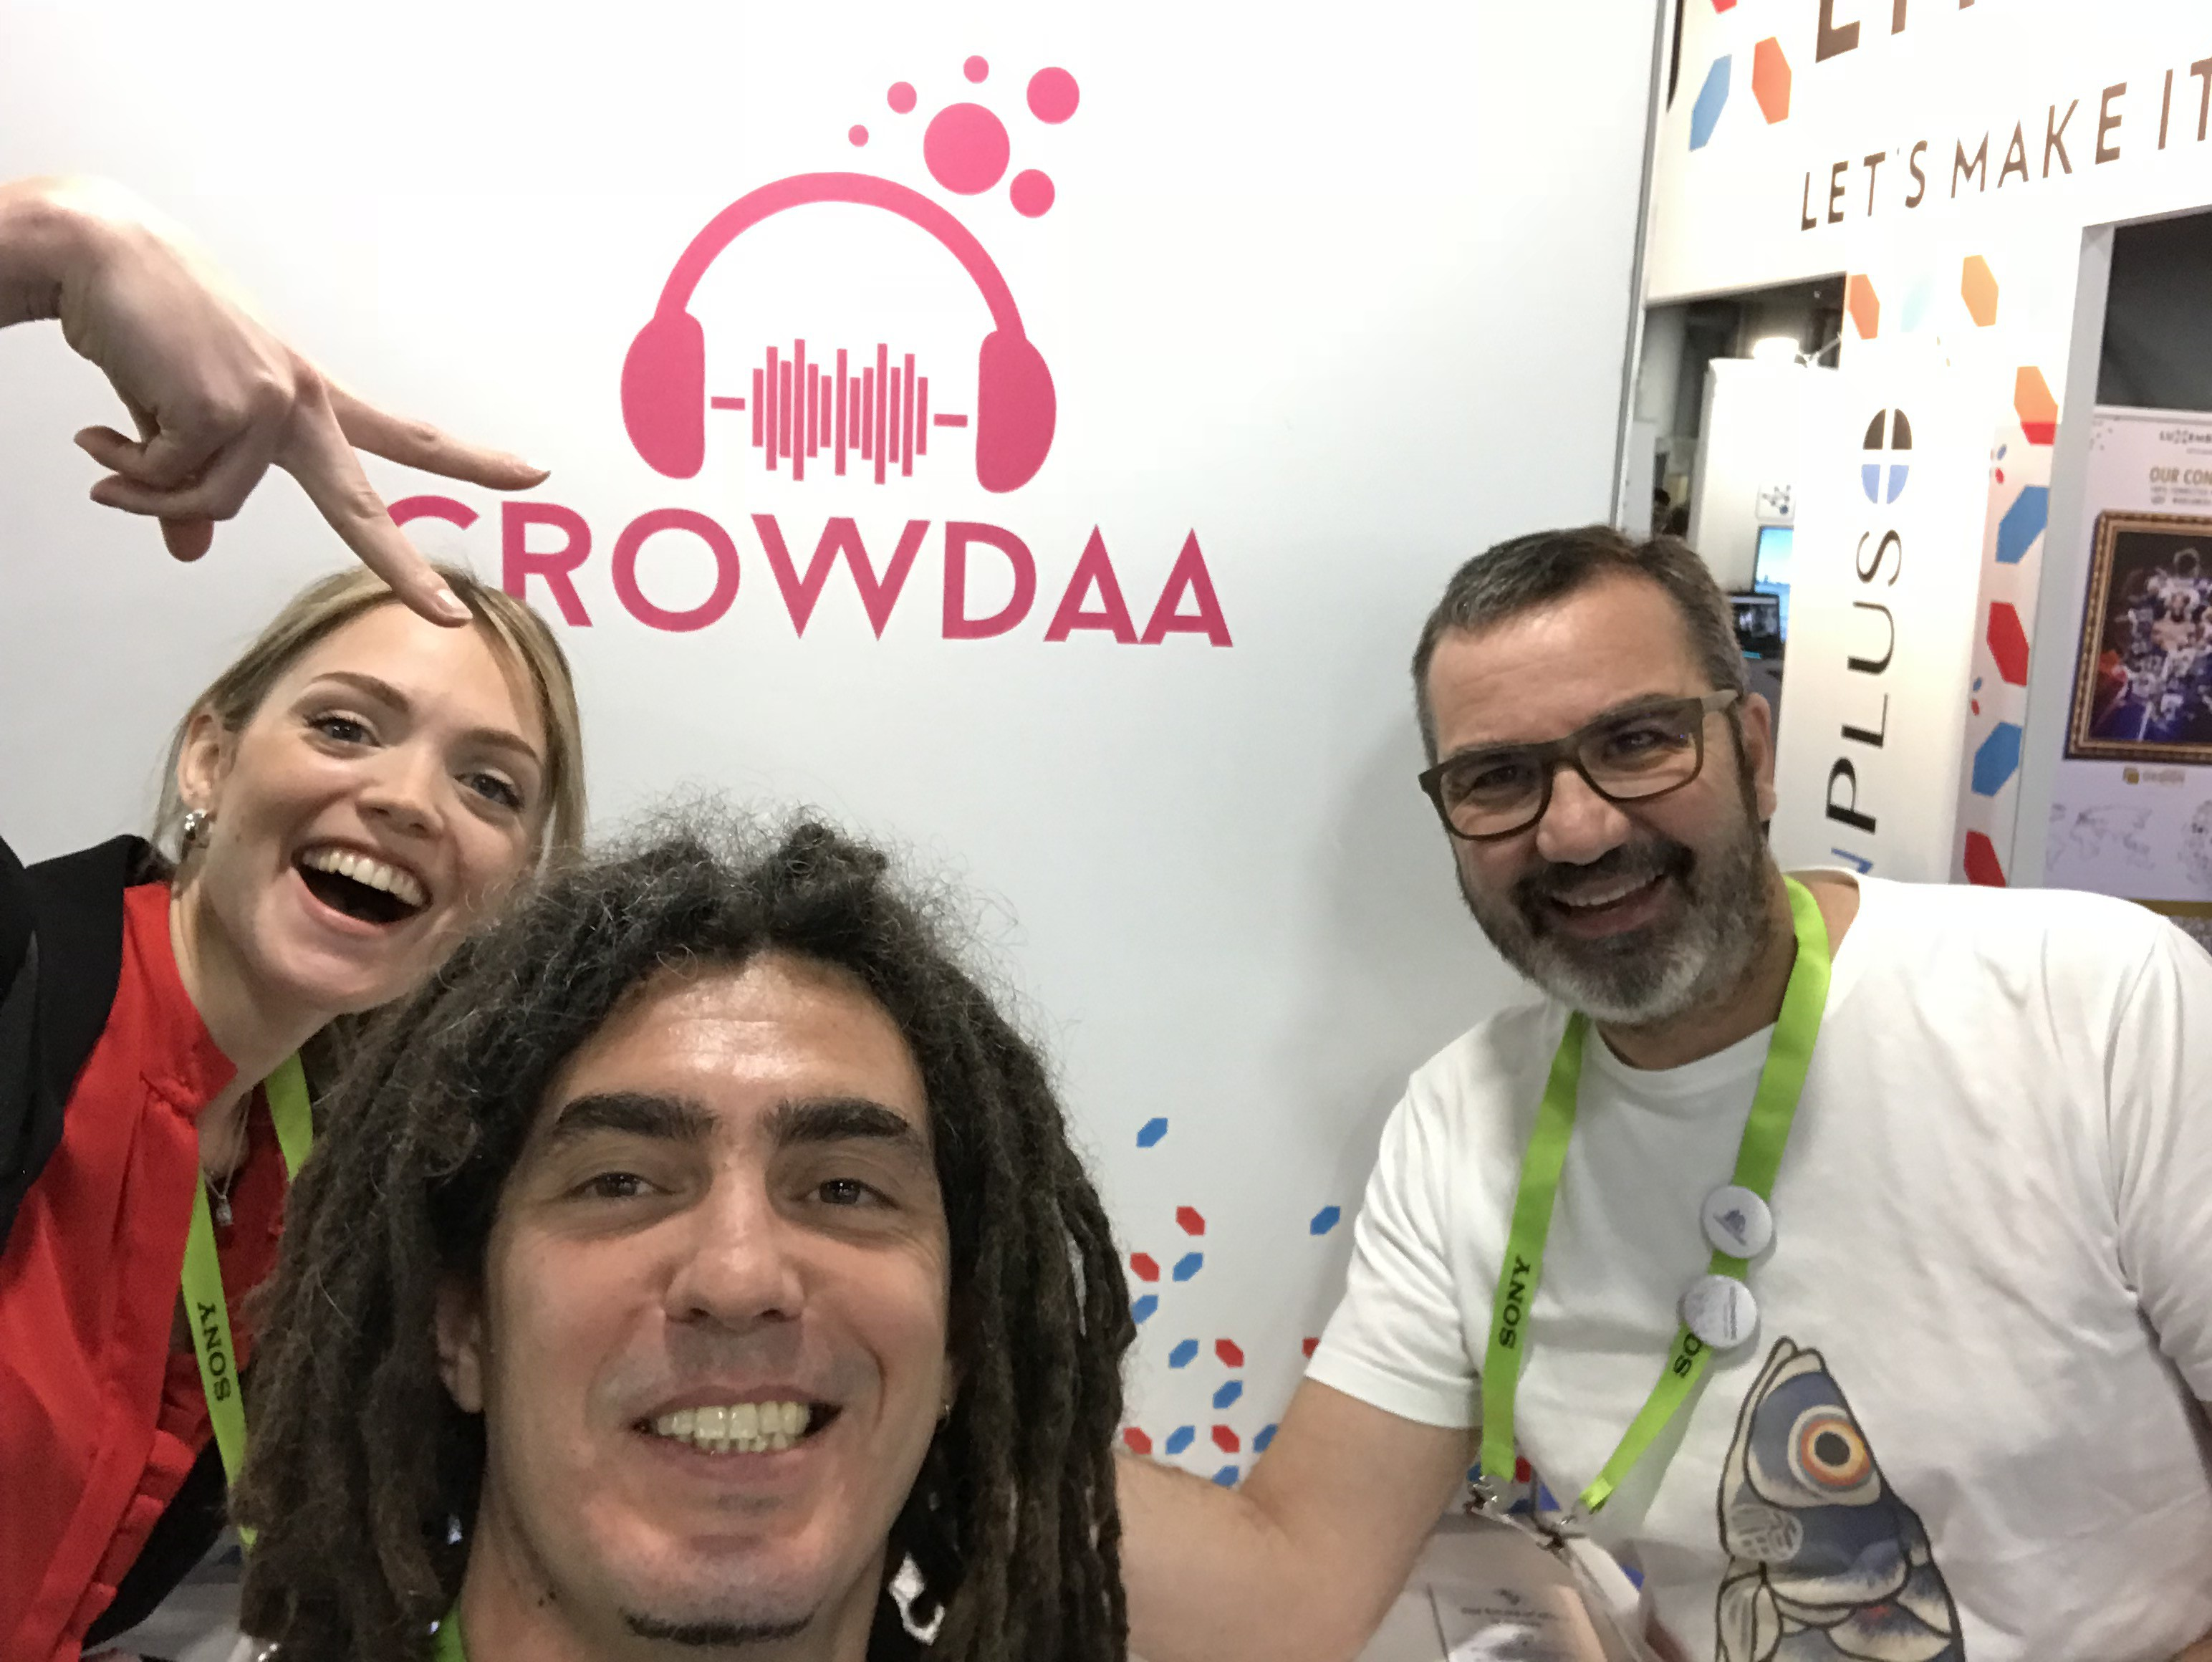 Crowdaa a fait partie des 420 entreprises représentantes de la French Tech au CES de Las Vegas ©DR